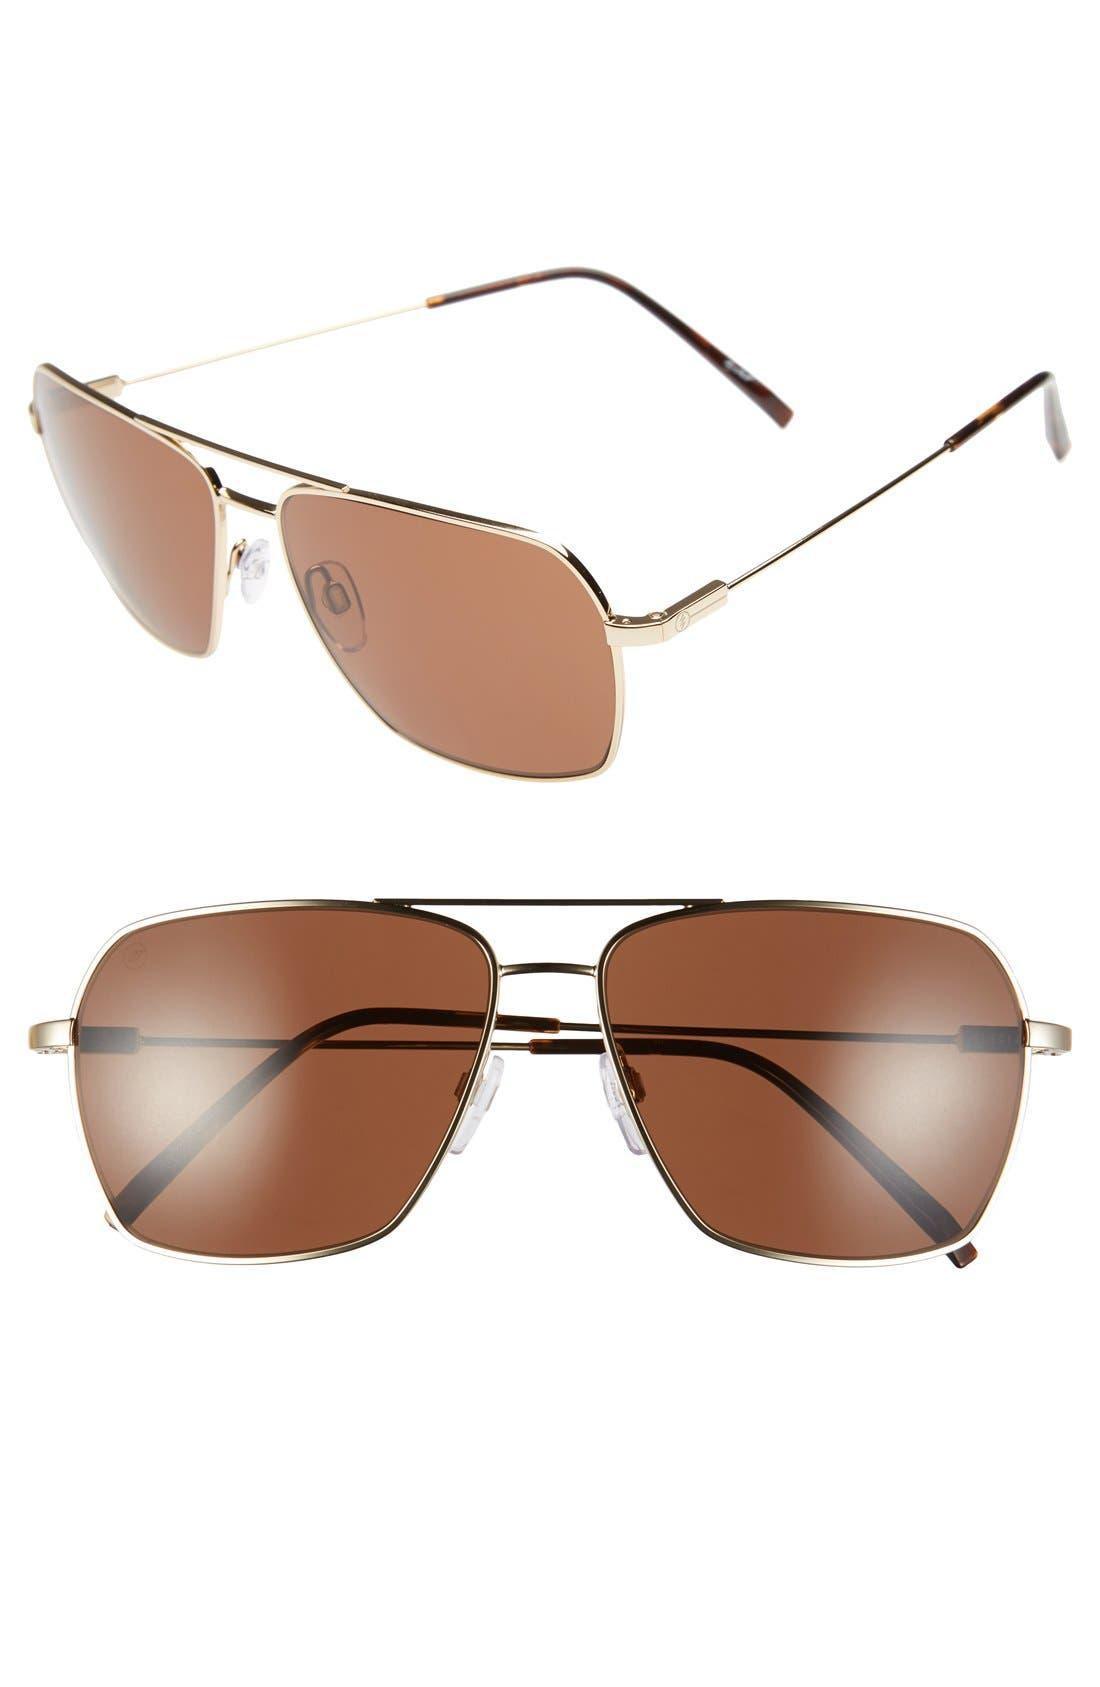 ELECTRIC AV2 59mm Sunglasses